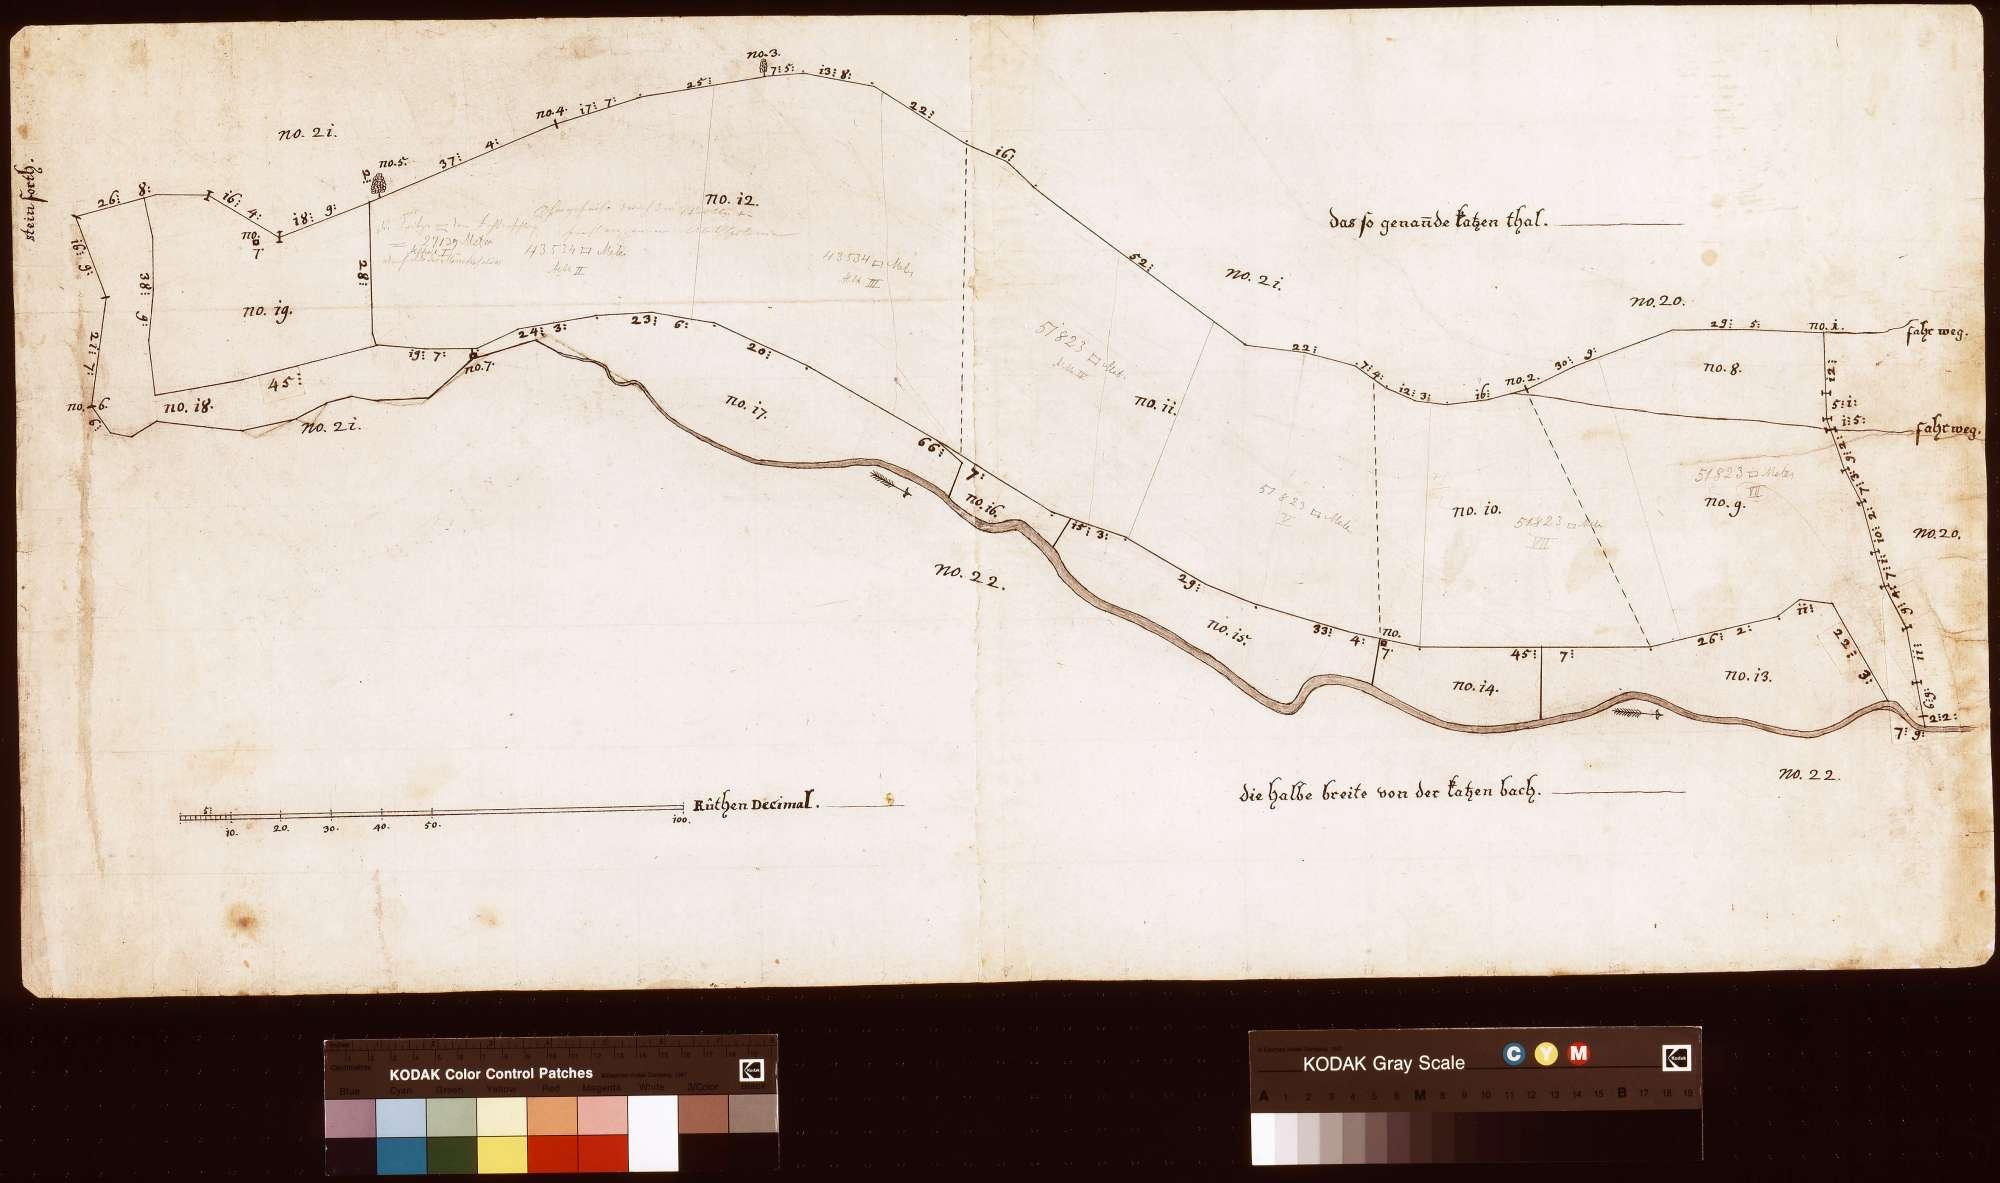 [Neuvermessung der Güter des Hofs Breitenau im Katzental] (Inselkarte), Bild 1